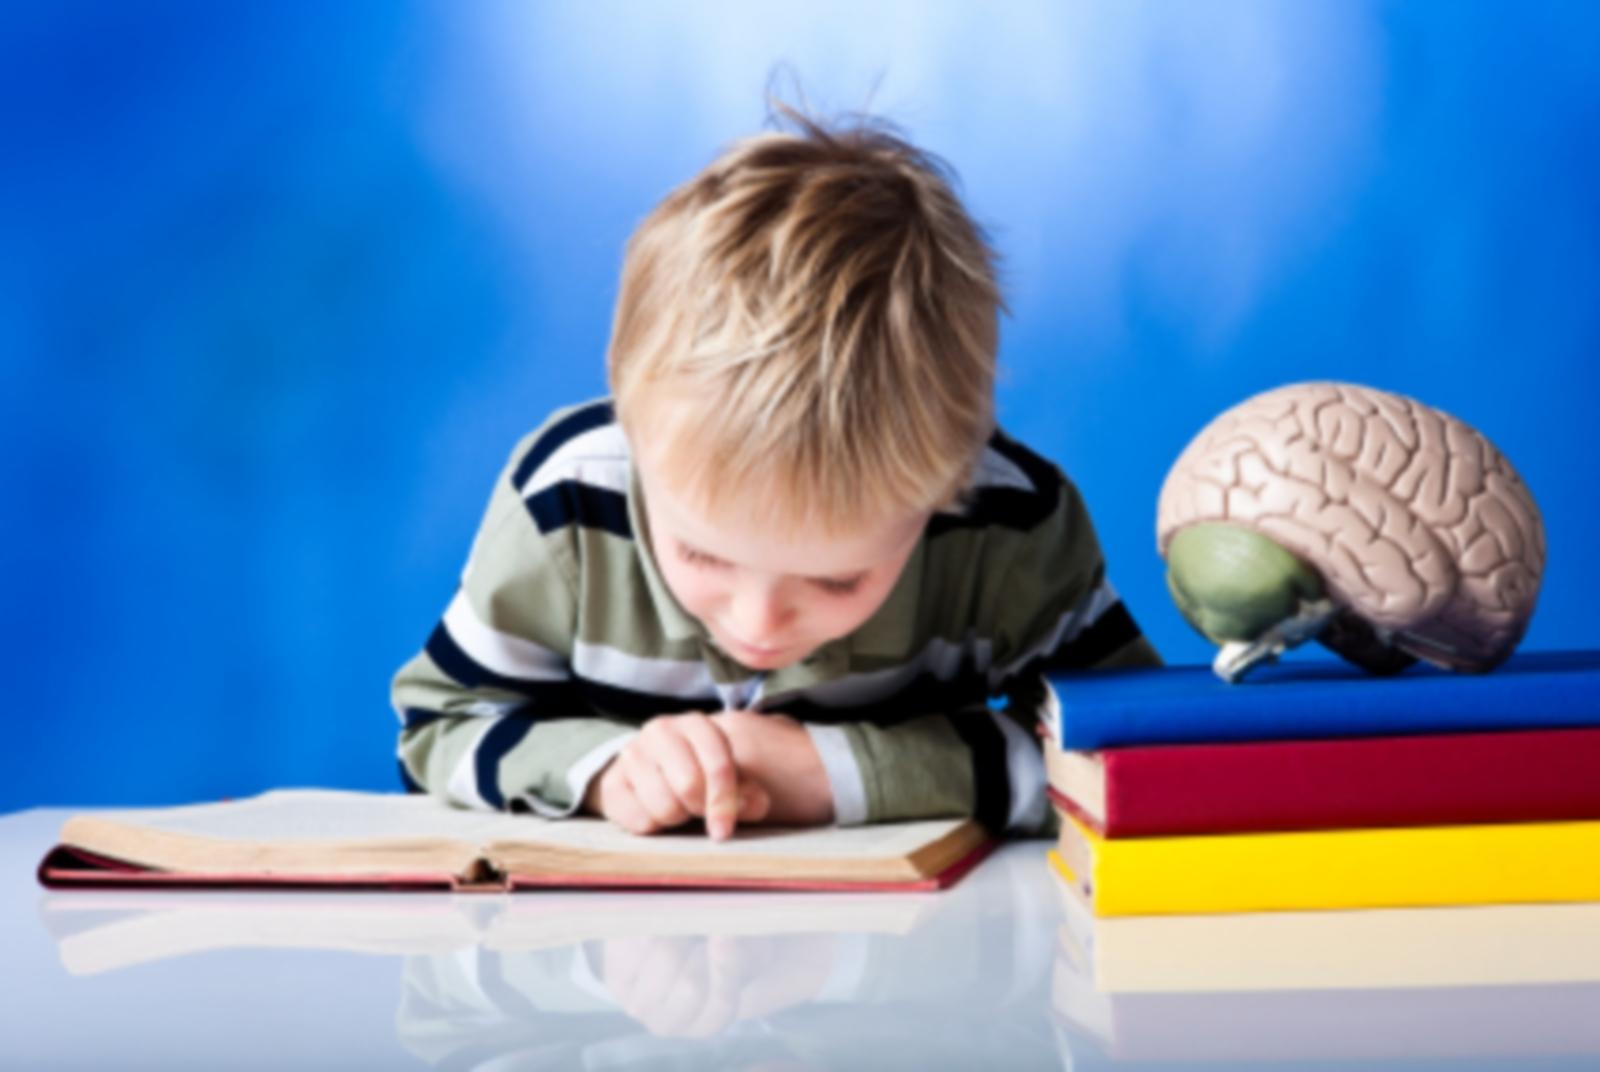 6 Διασκεδαστικοί Τρόποι βελτίωσης της Αναγνωστικής Ικανότητας